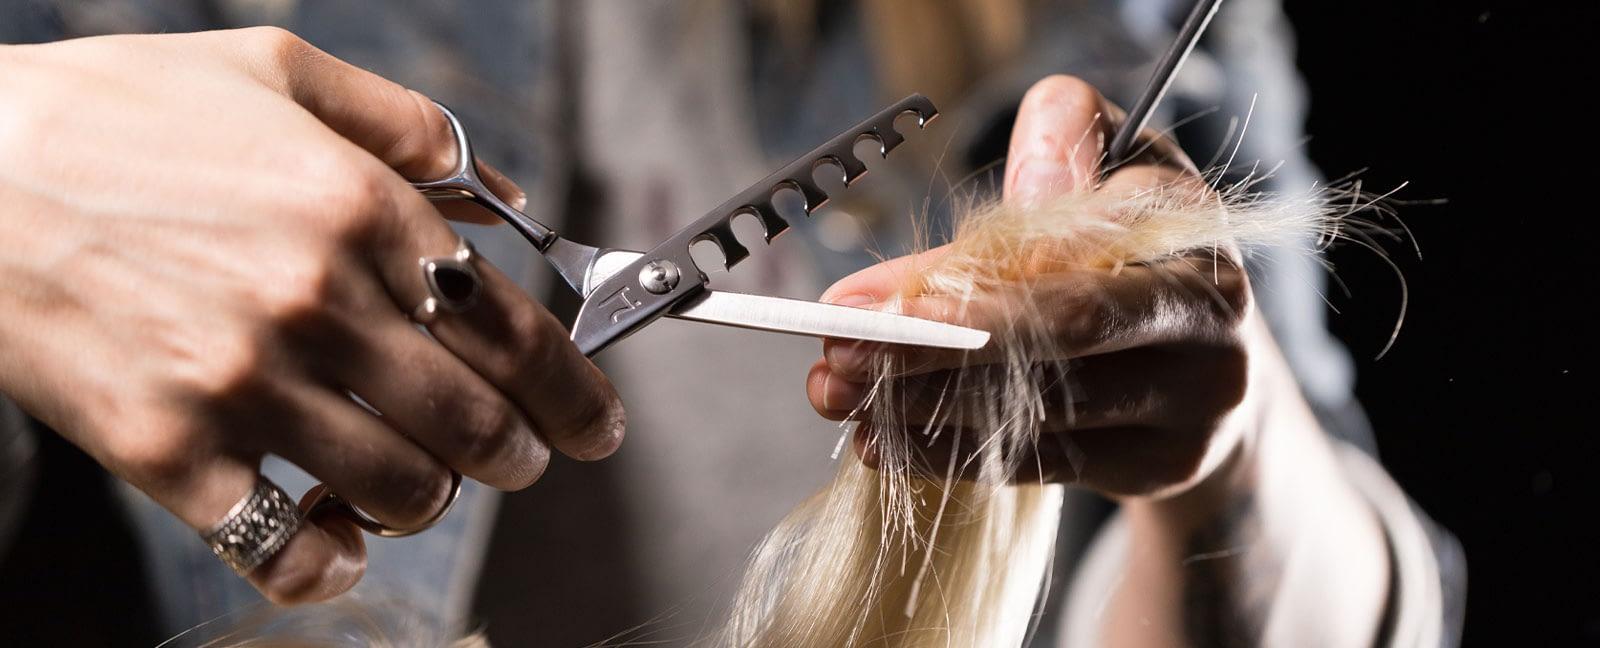 Texturizer Shear